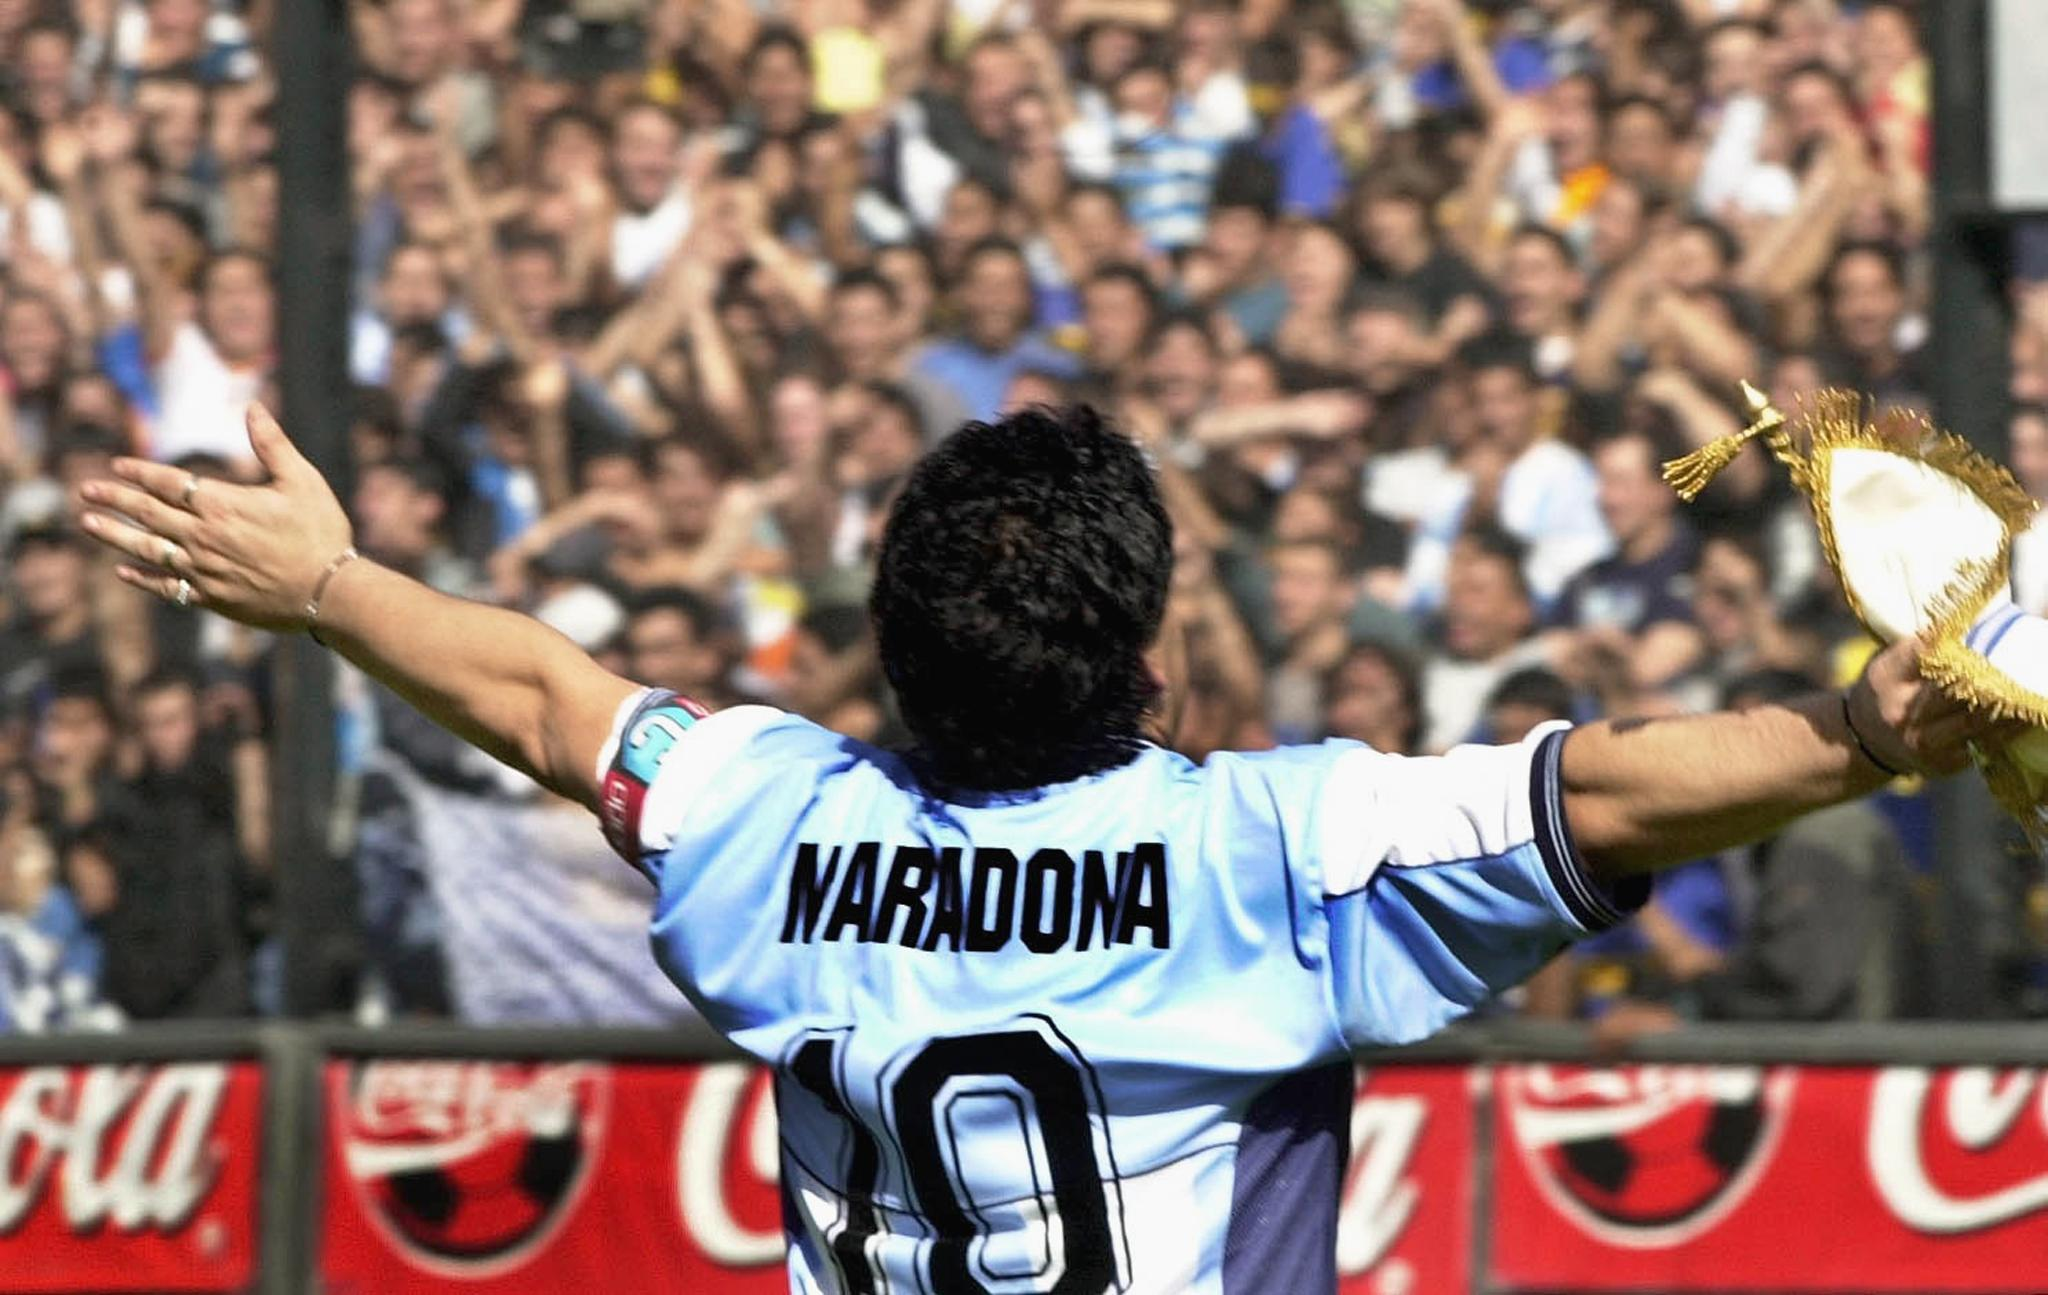 Theo Reitsma, de man die de truc van Maradona doorzag, kijkt nog elke dag eventjes naar de Hand van God